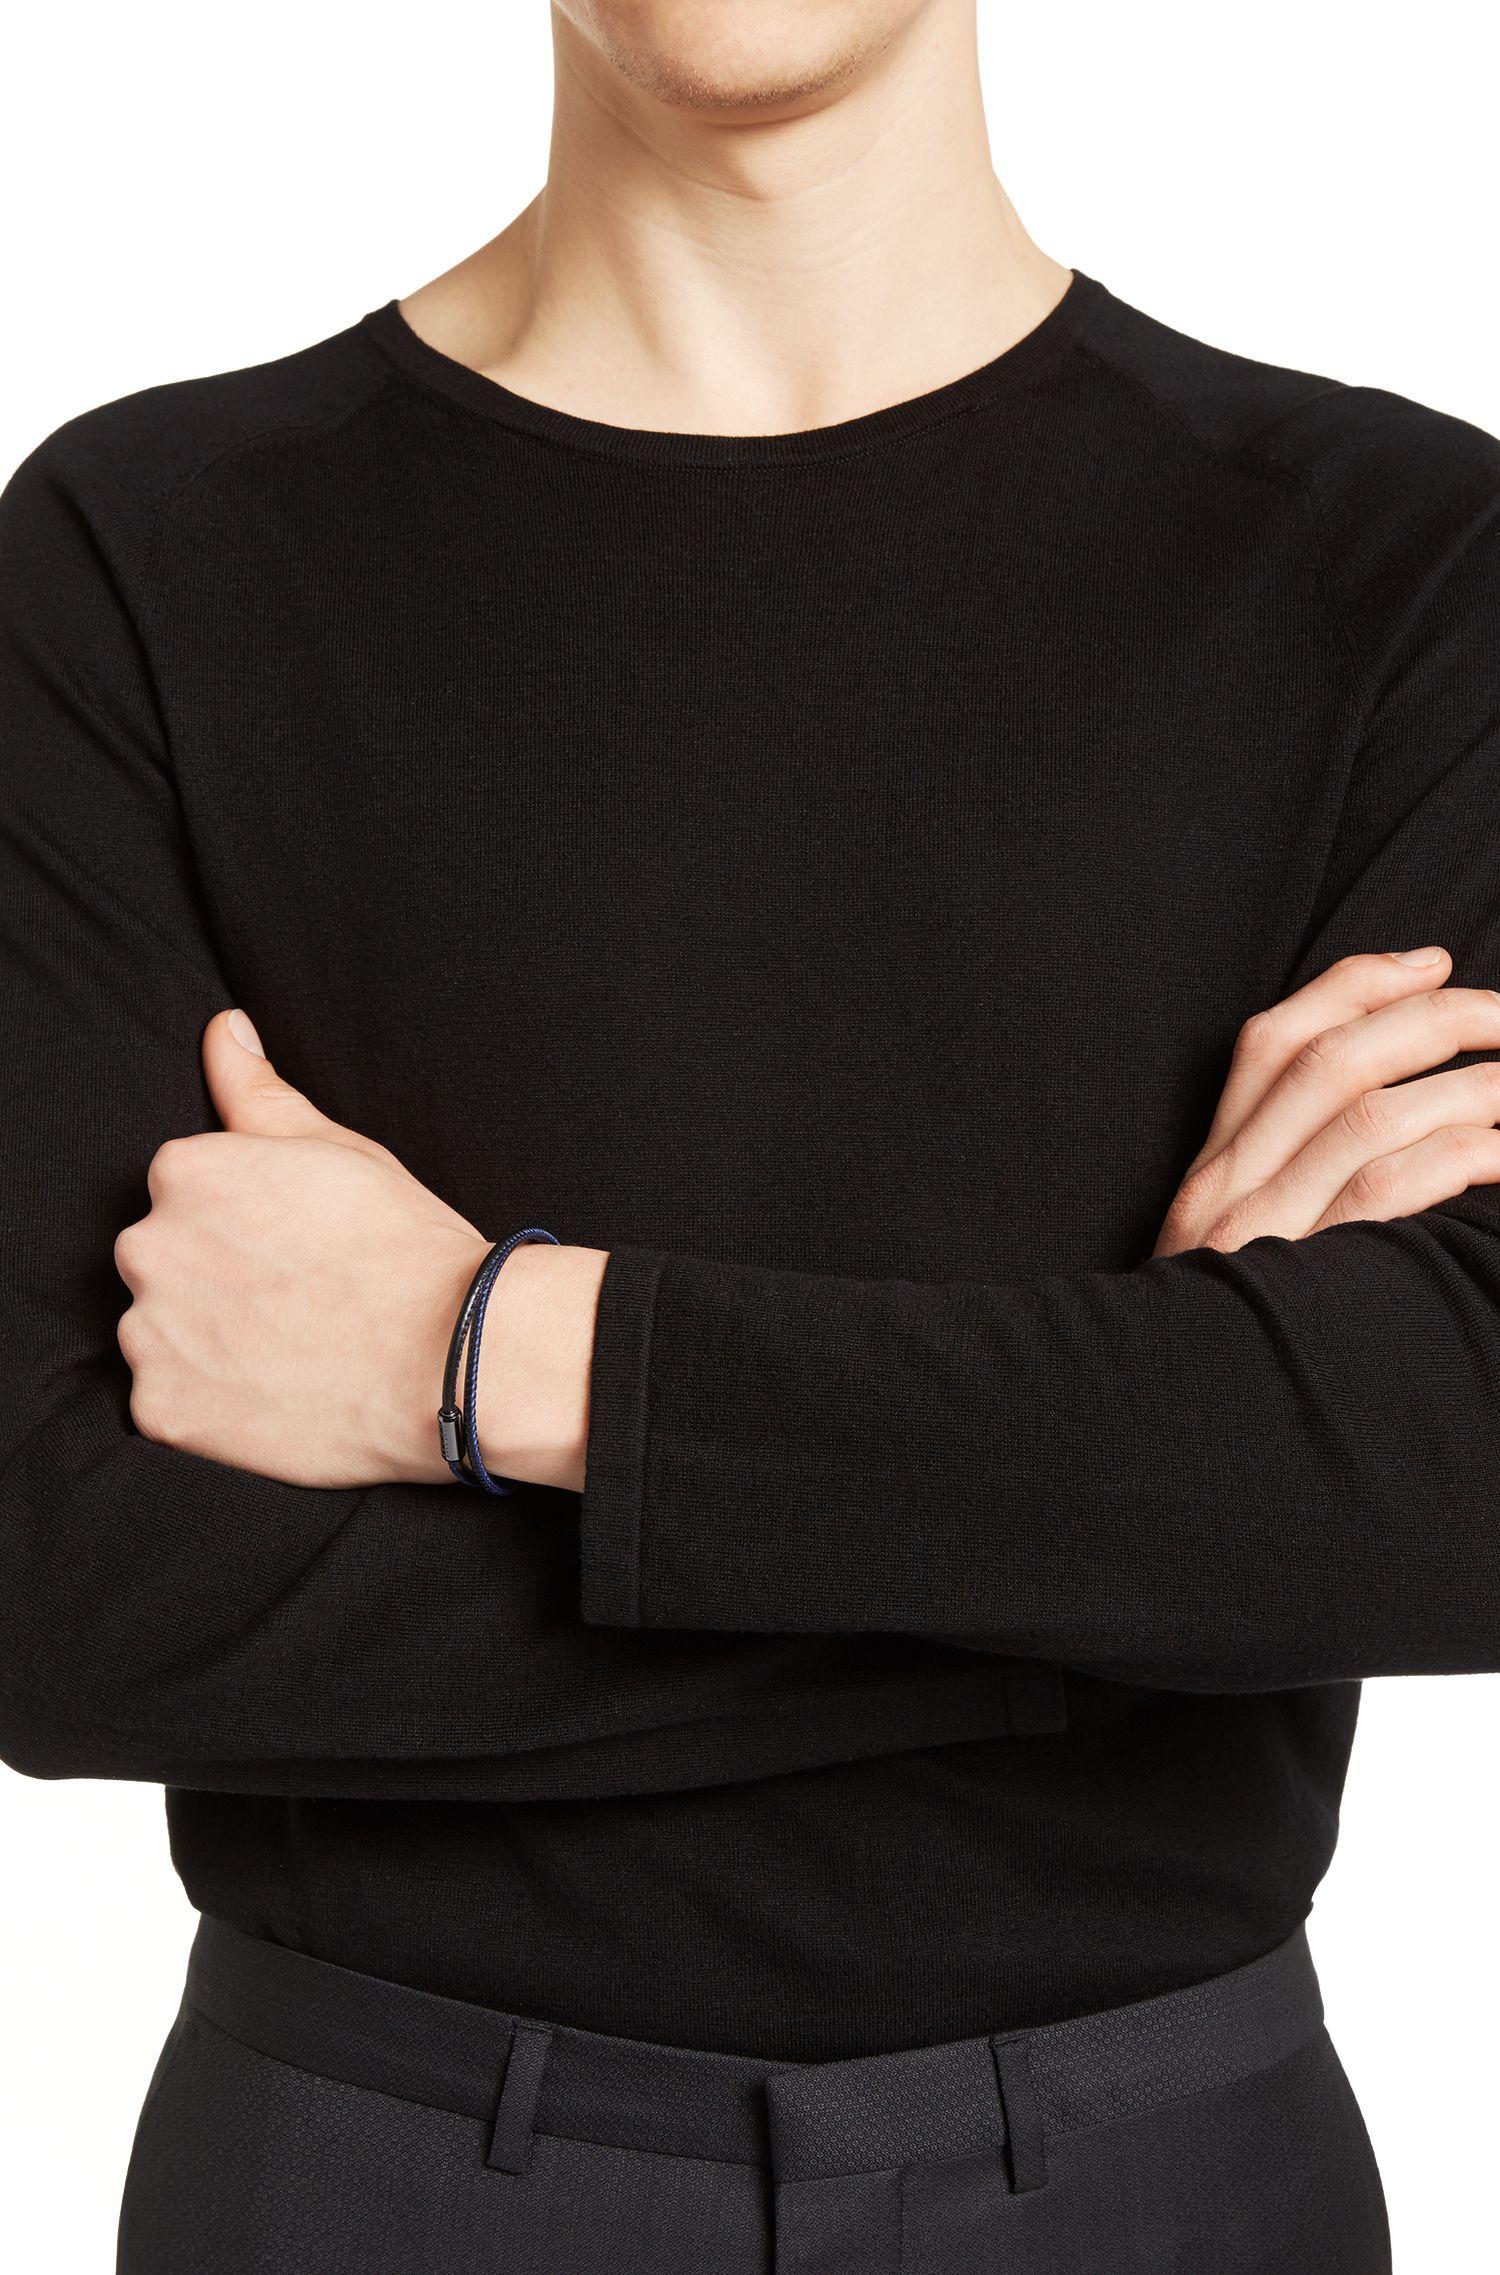 Pulsera de piel de becerro italiana con cierre magnético